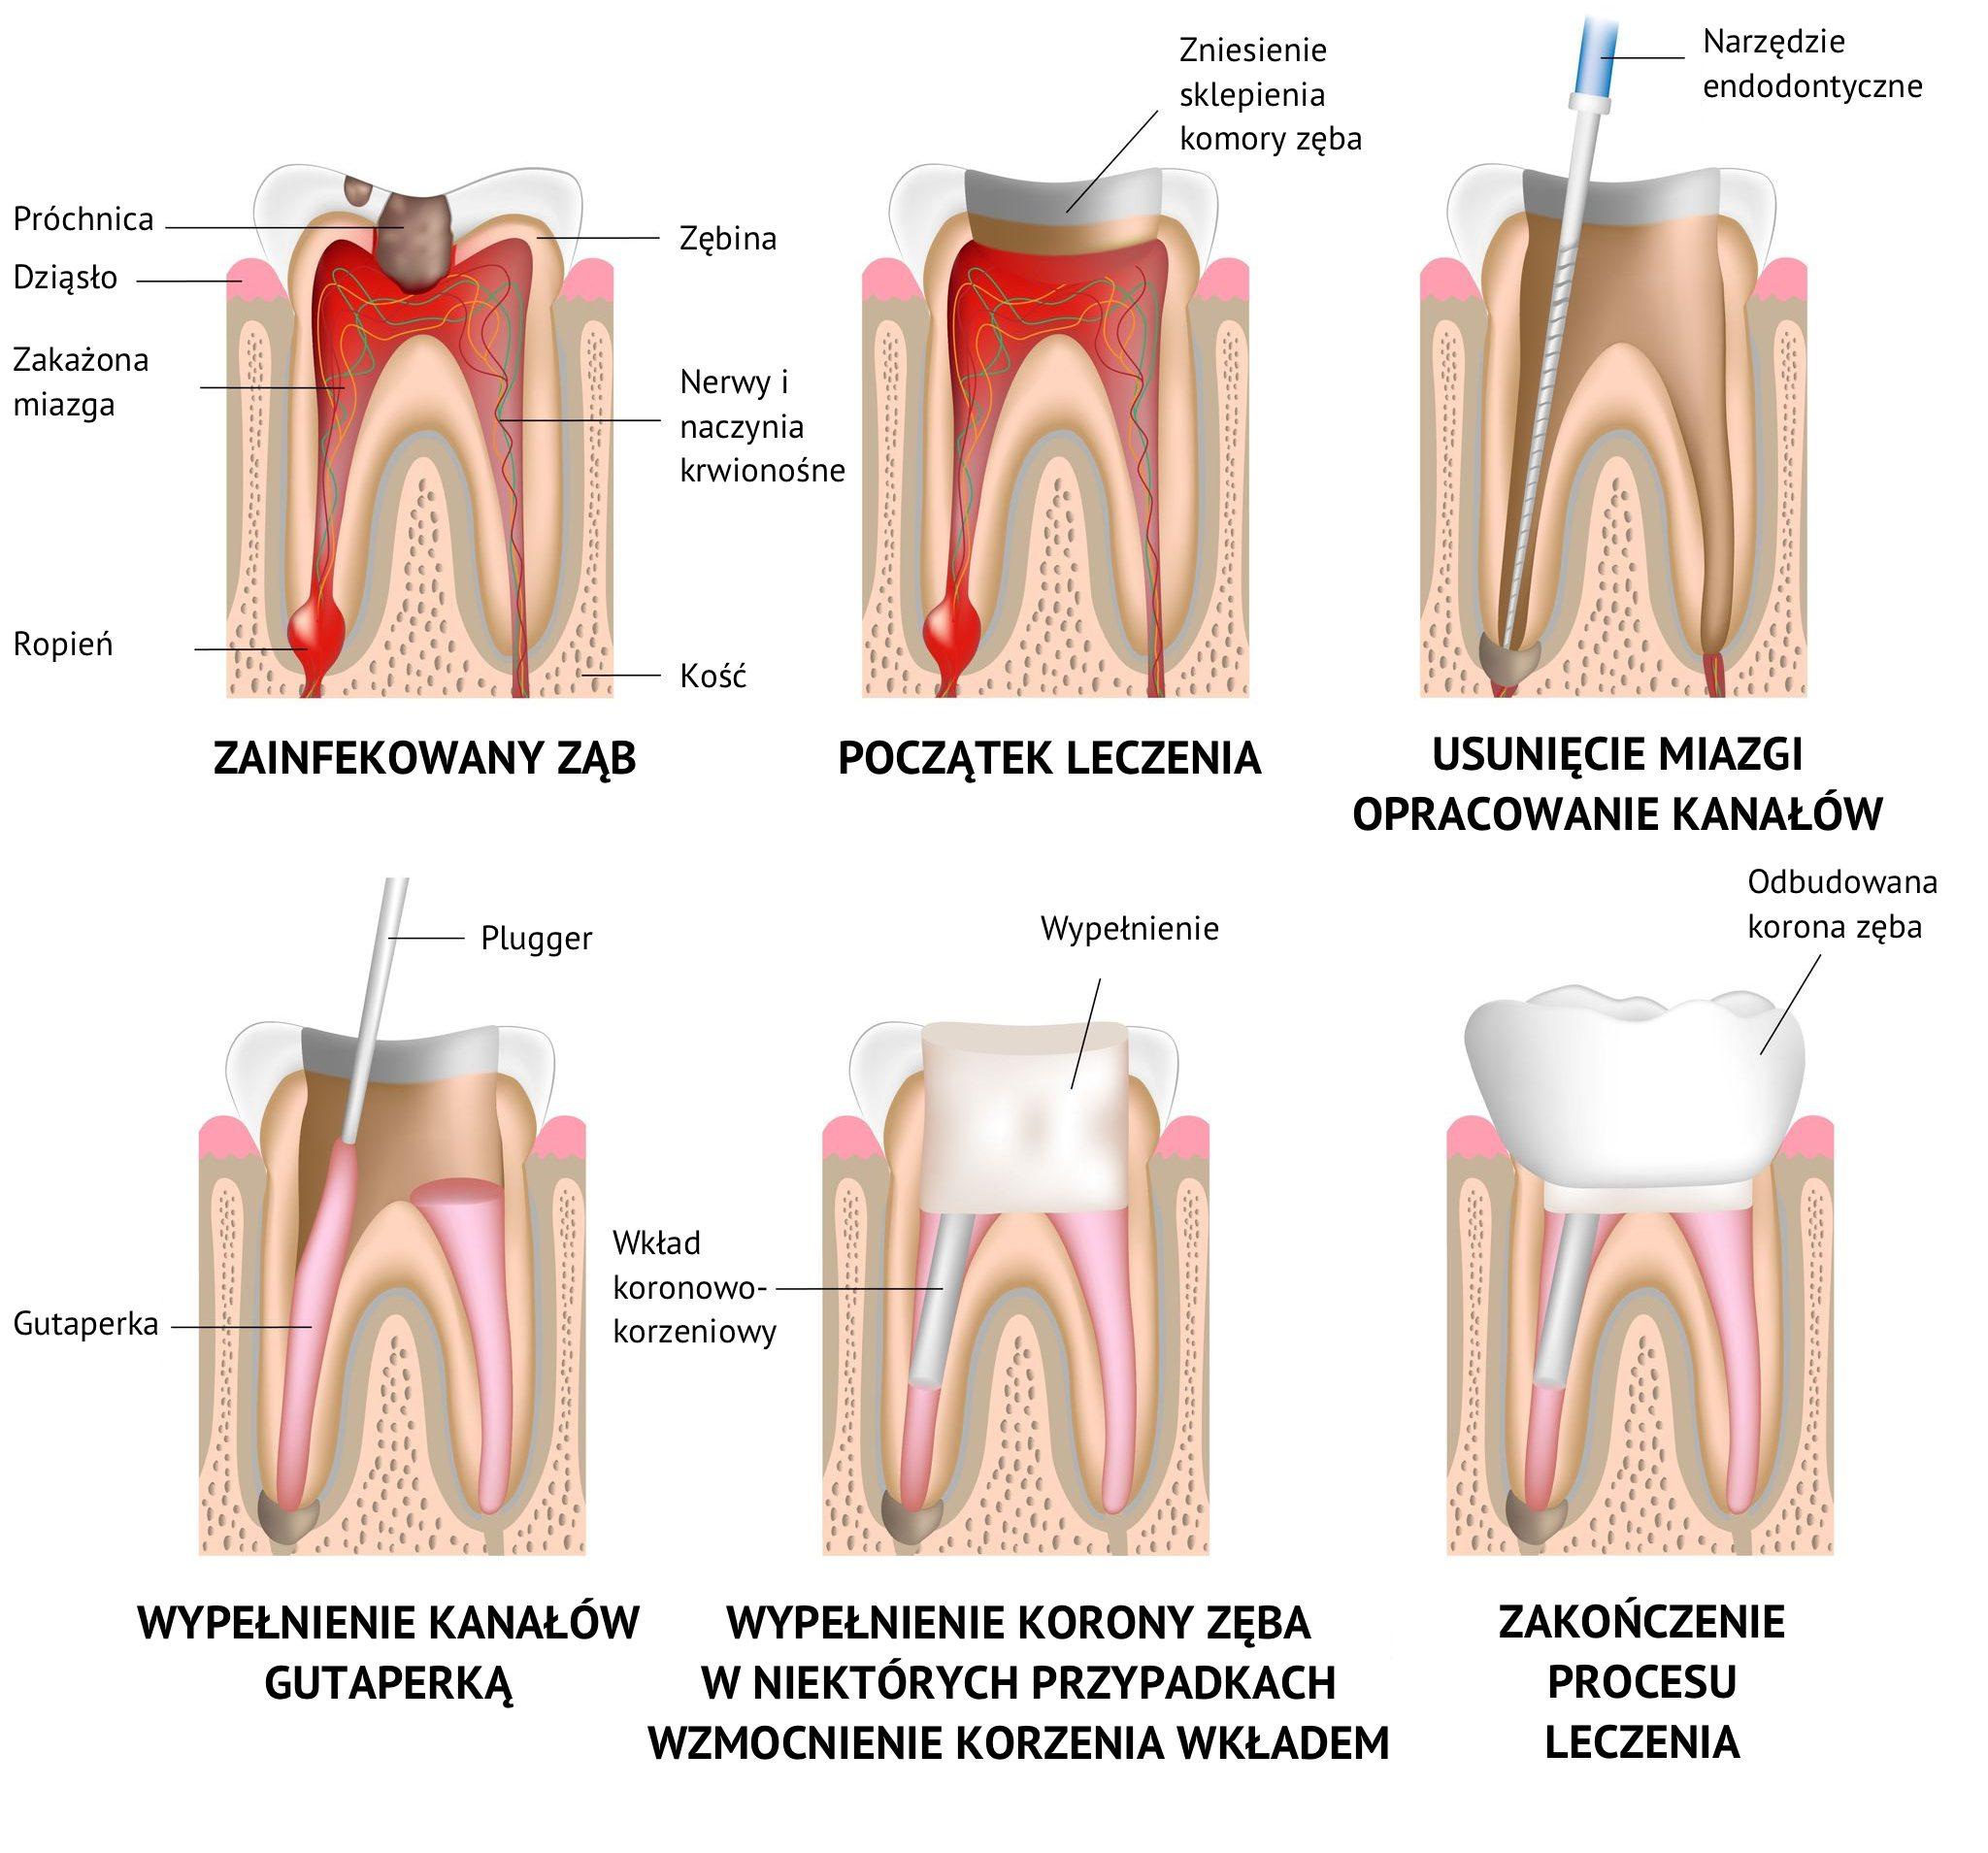 leczenie kanałowe, leczenie próchnicy zębów, leczenie stomatologiczne